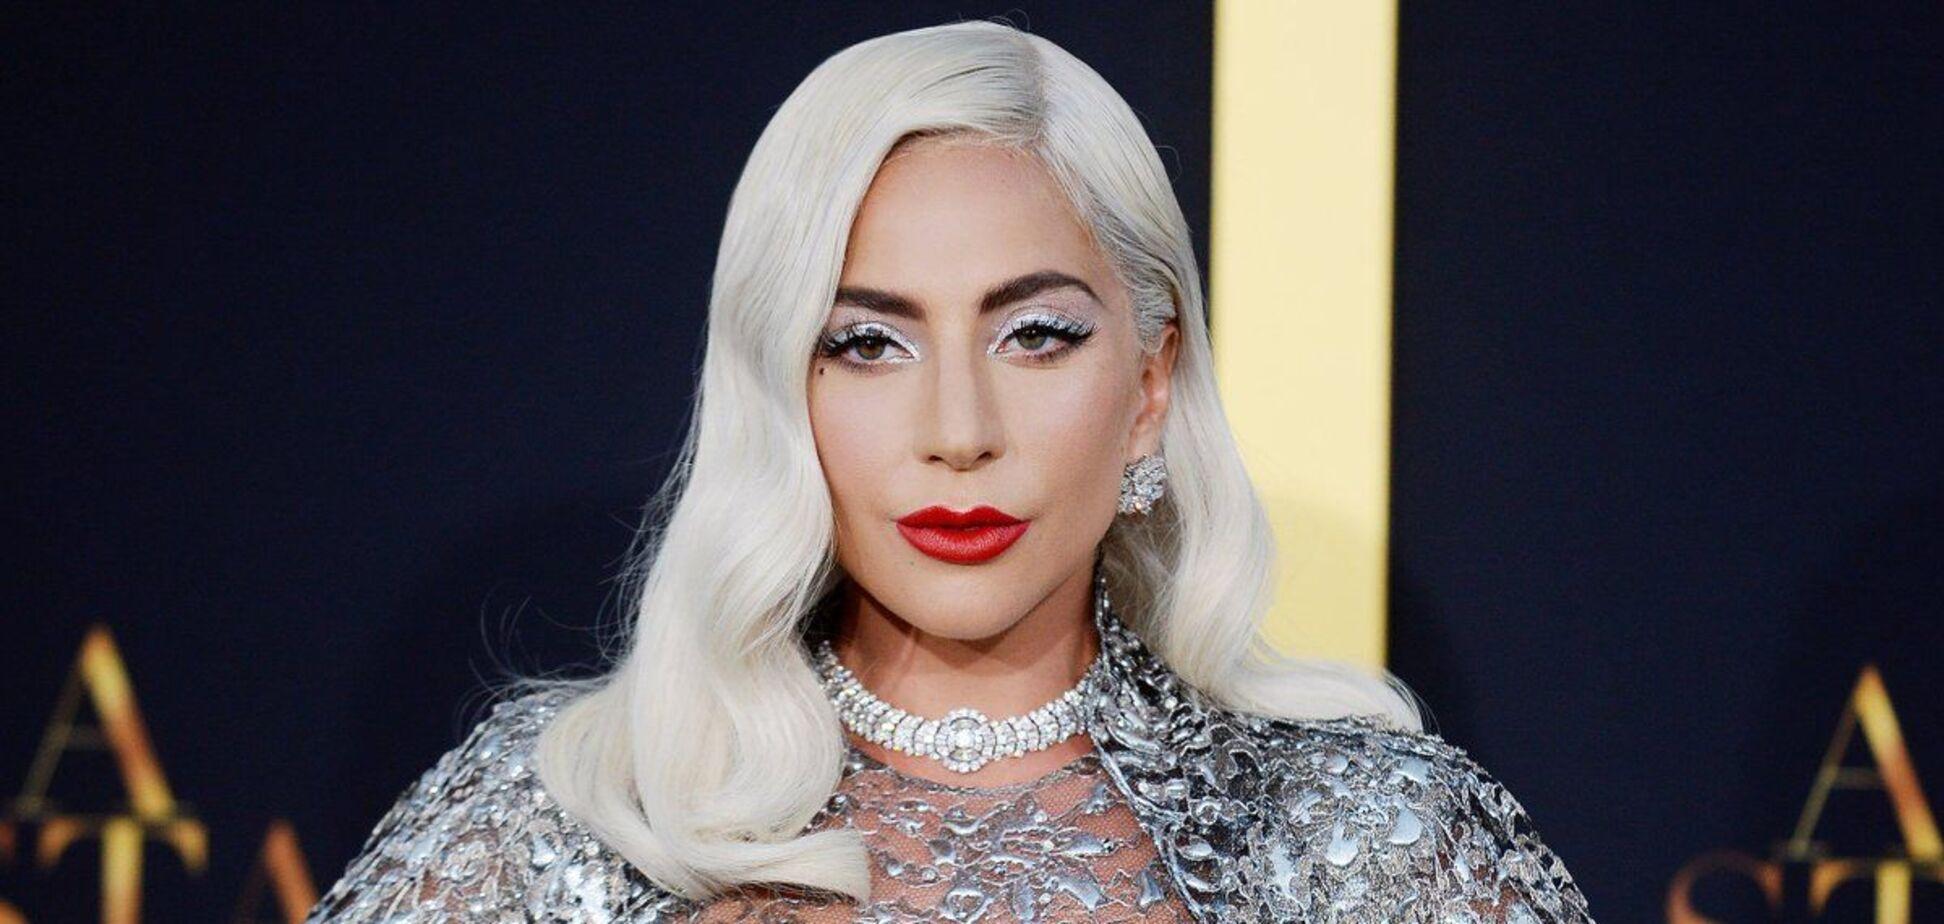 Леди Гага снялась в яркой фотосессии